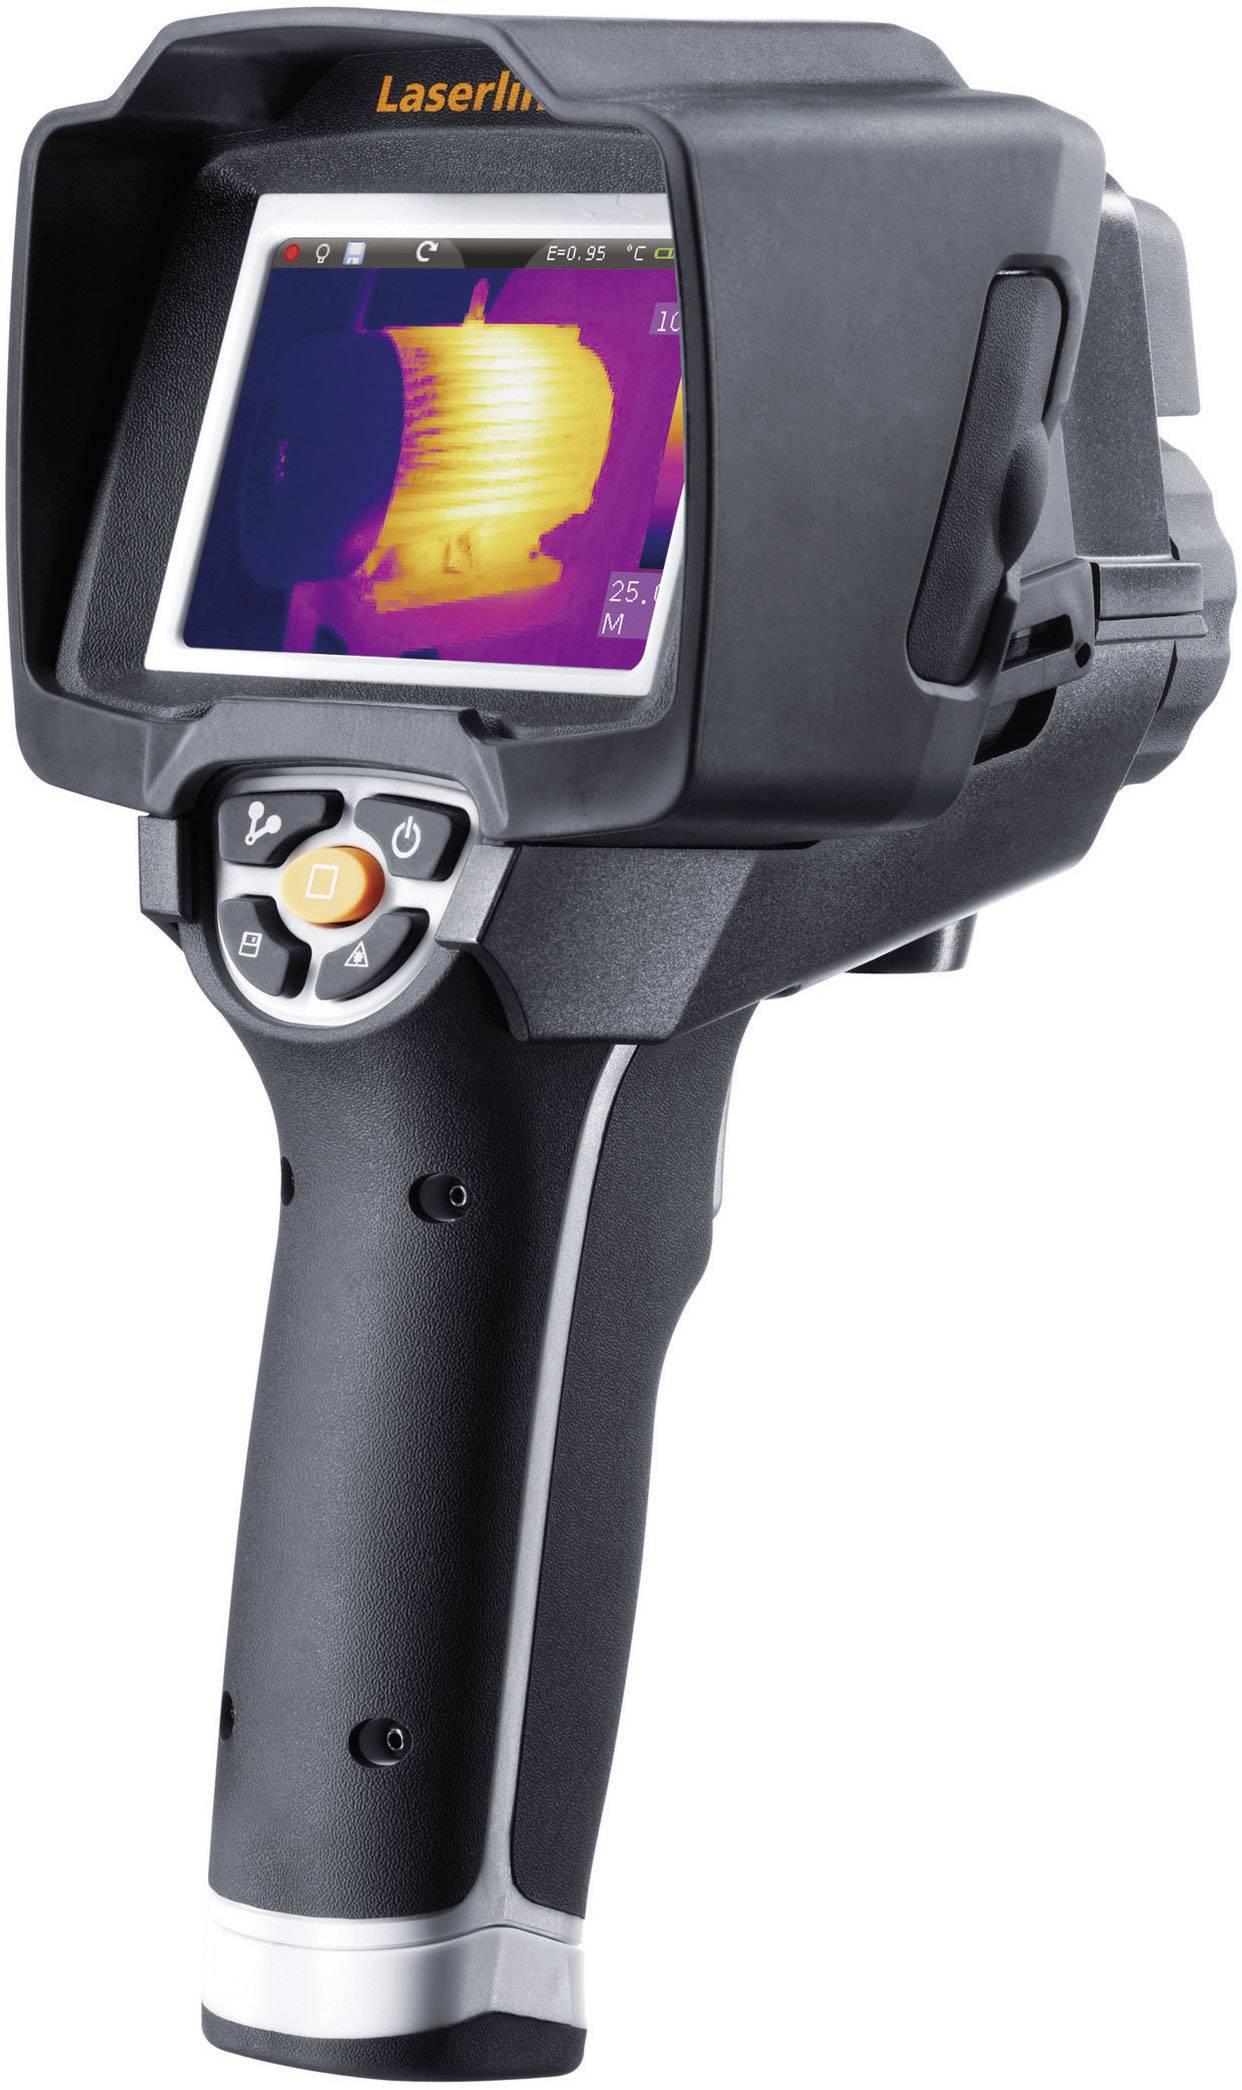 Termokamera Laserliner ThermoCamera-Vision 082.085A, 240 x 180 pix, dotykový displej,